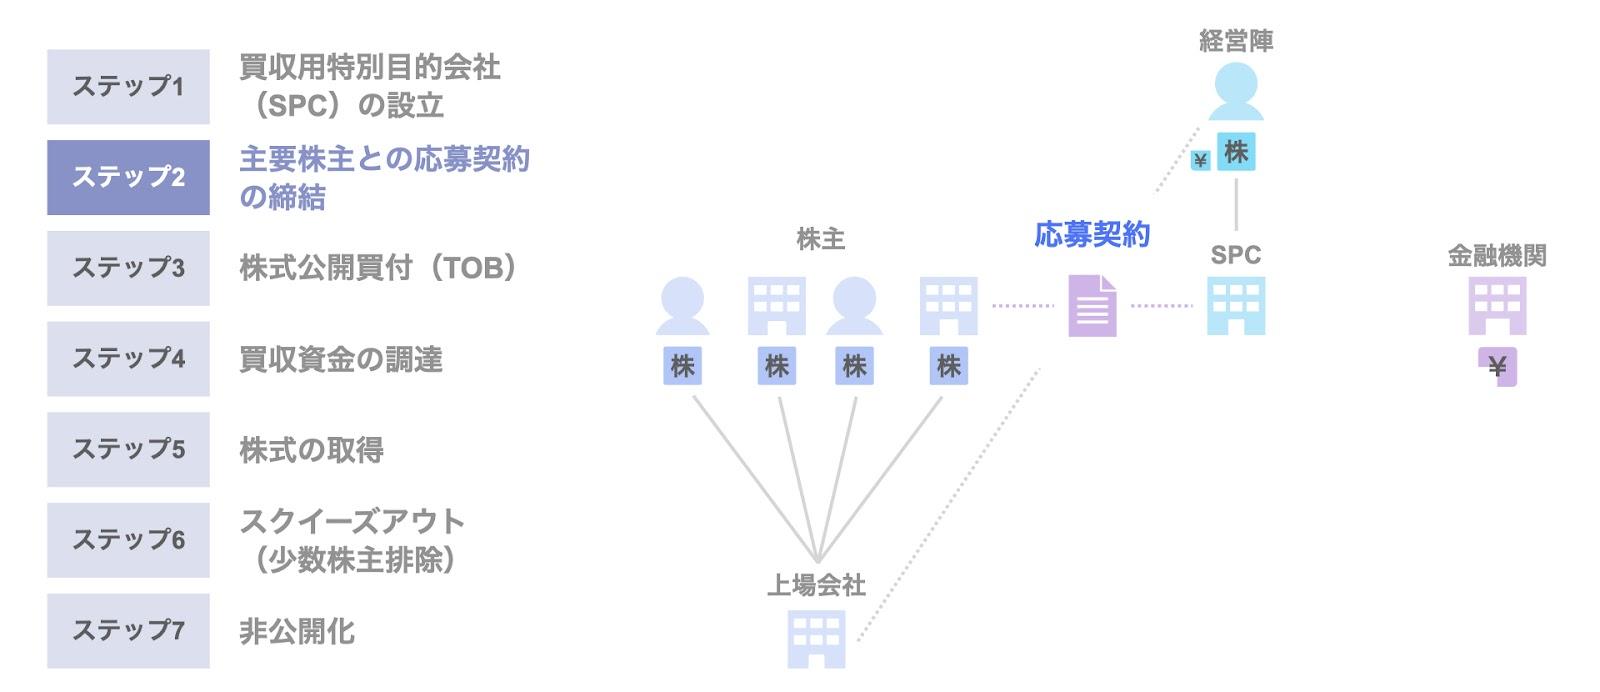 MBOによる非公開化のスキーム②主要株主との応募契約の締結